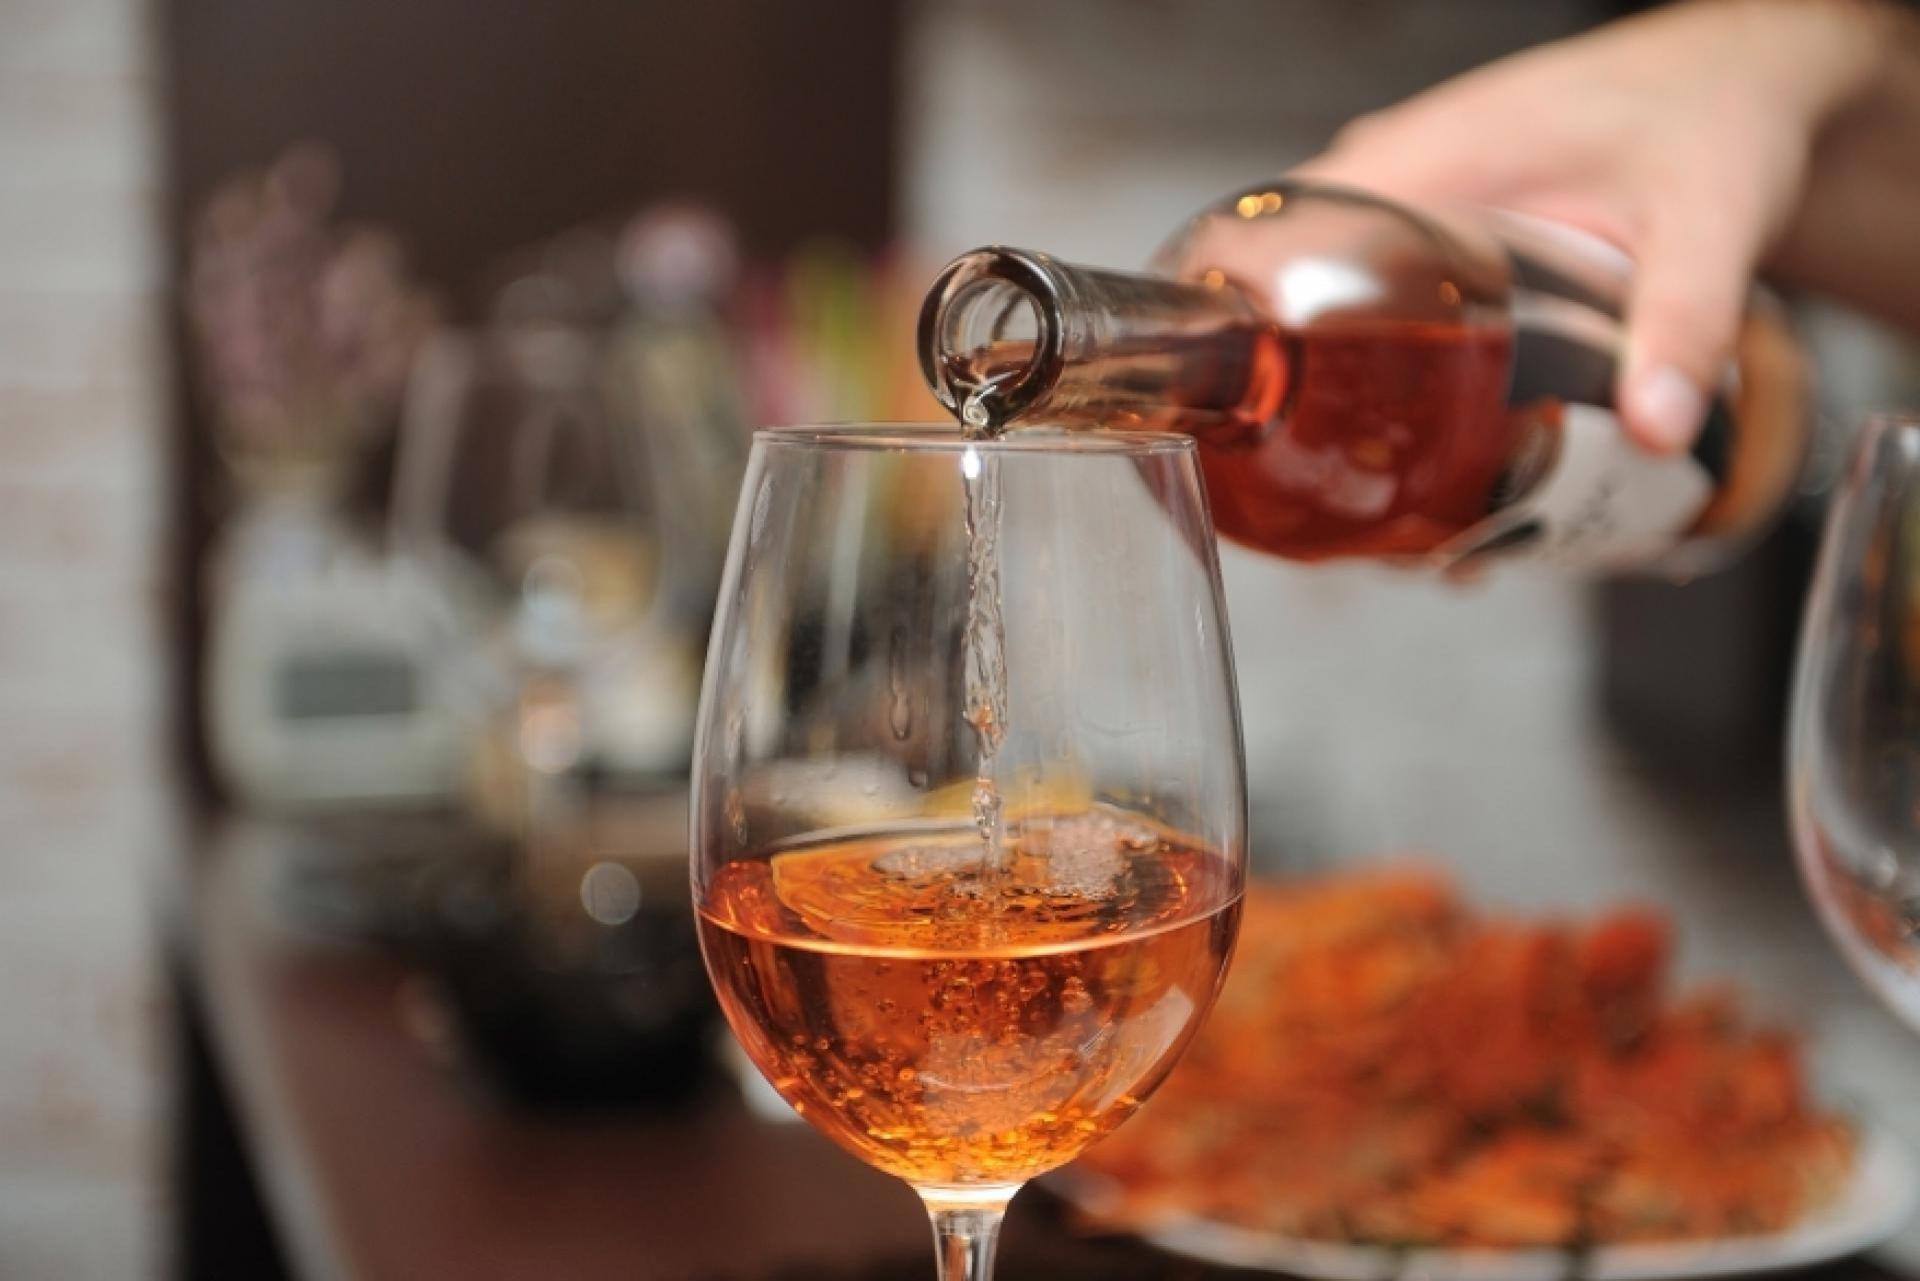 Яка доза алкоголю є безпечною для здоров'я людини?